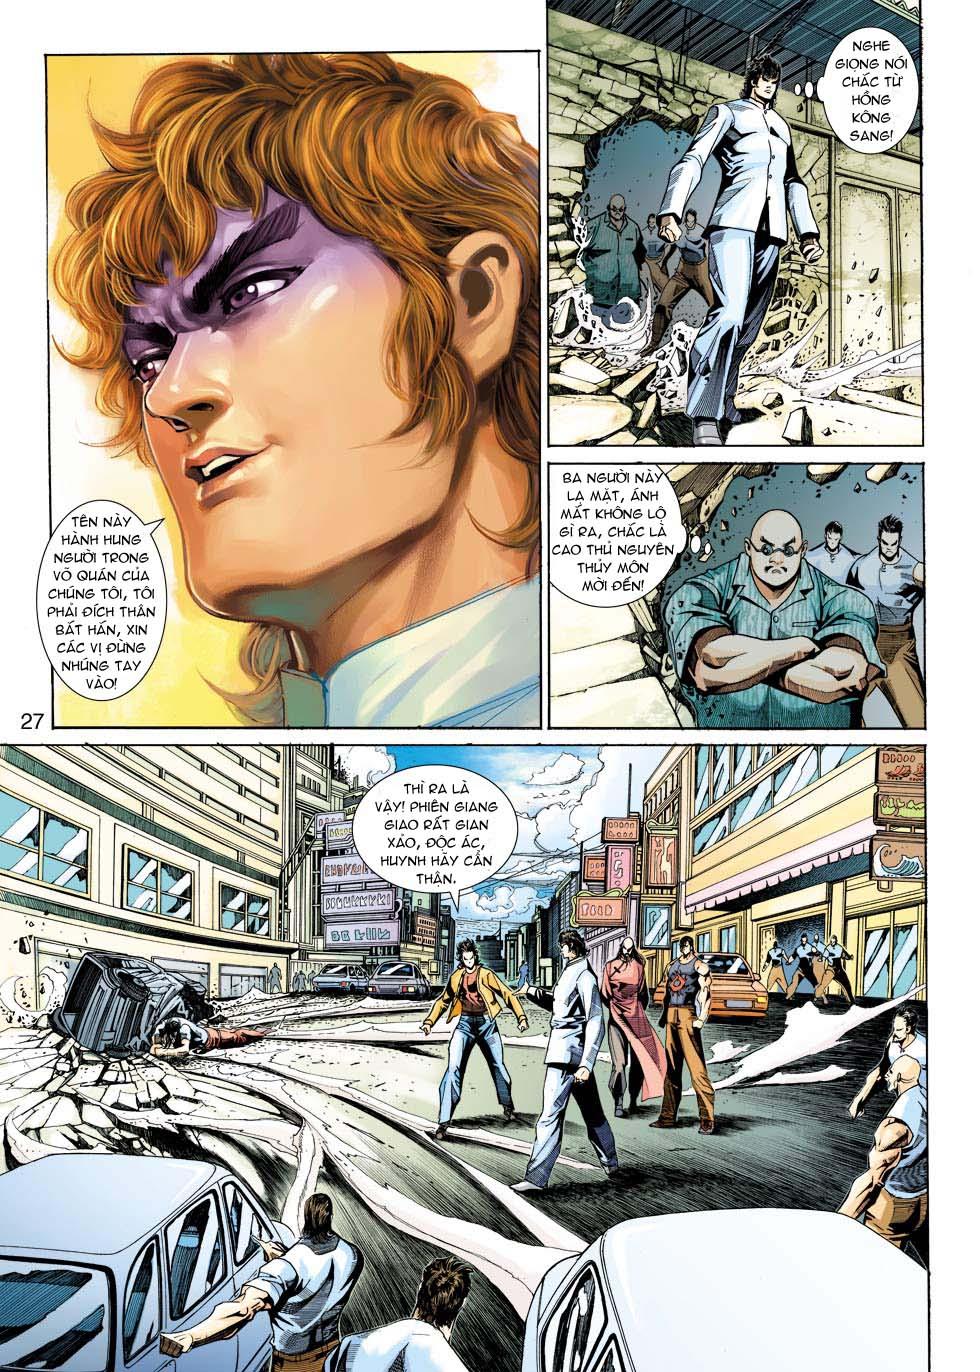 Tân Tác Long Hổ Môn chap 343 - Trang 27